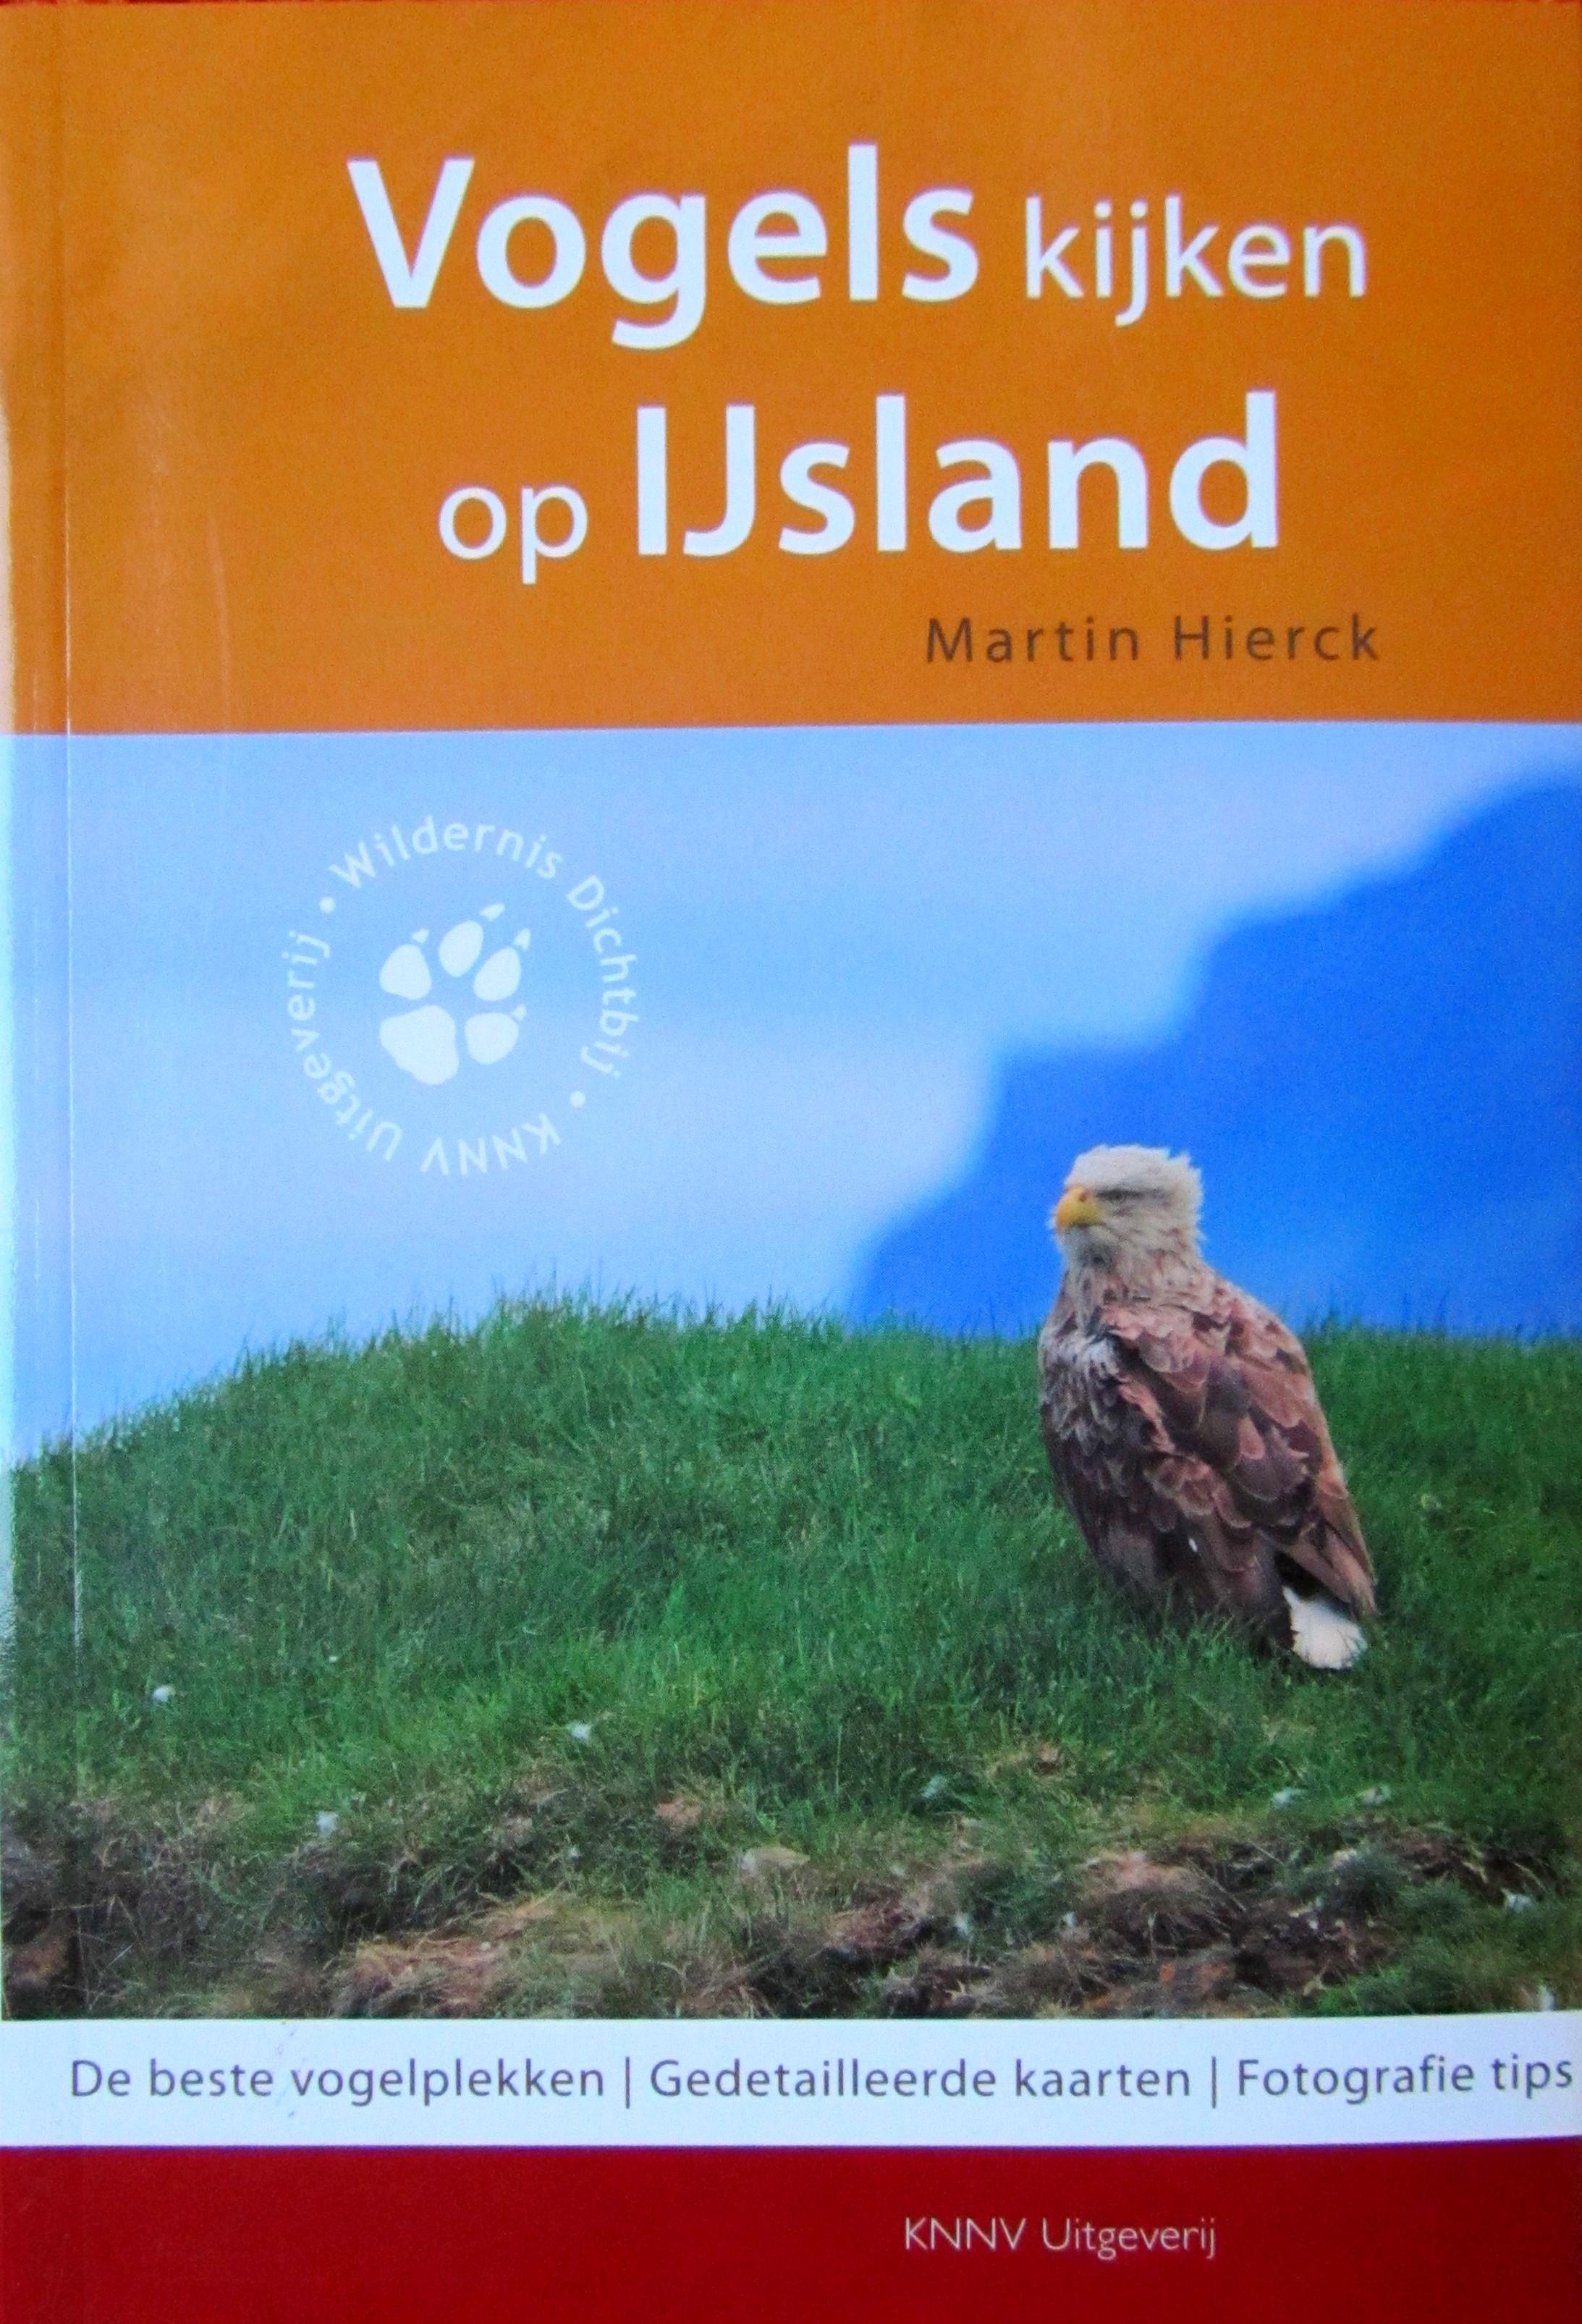 Vogels kijken op IJsland